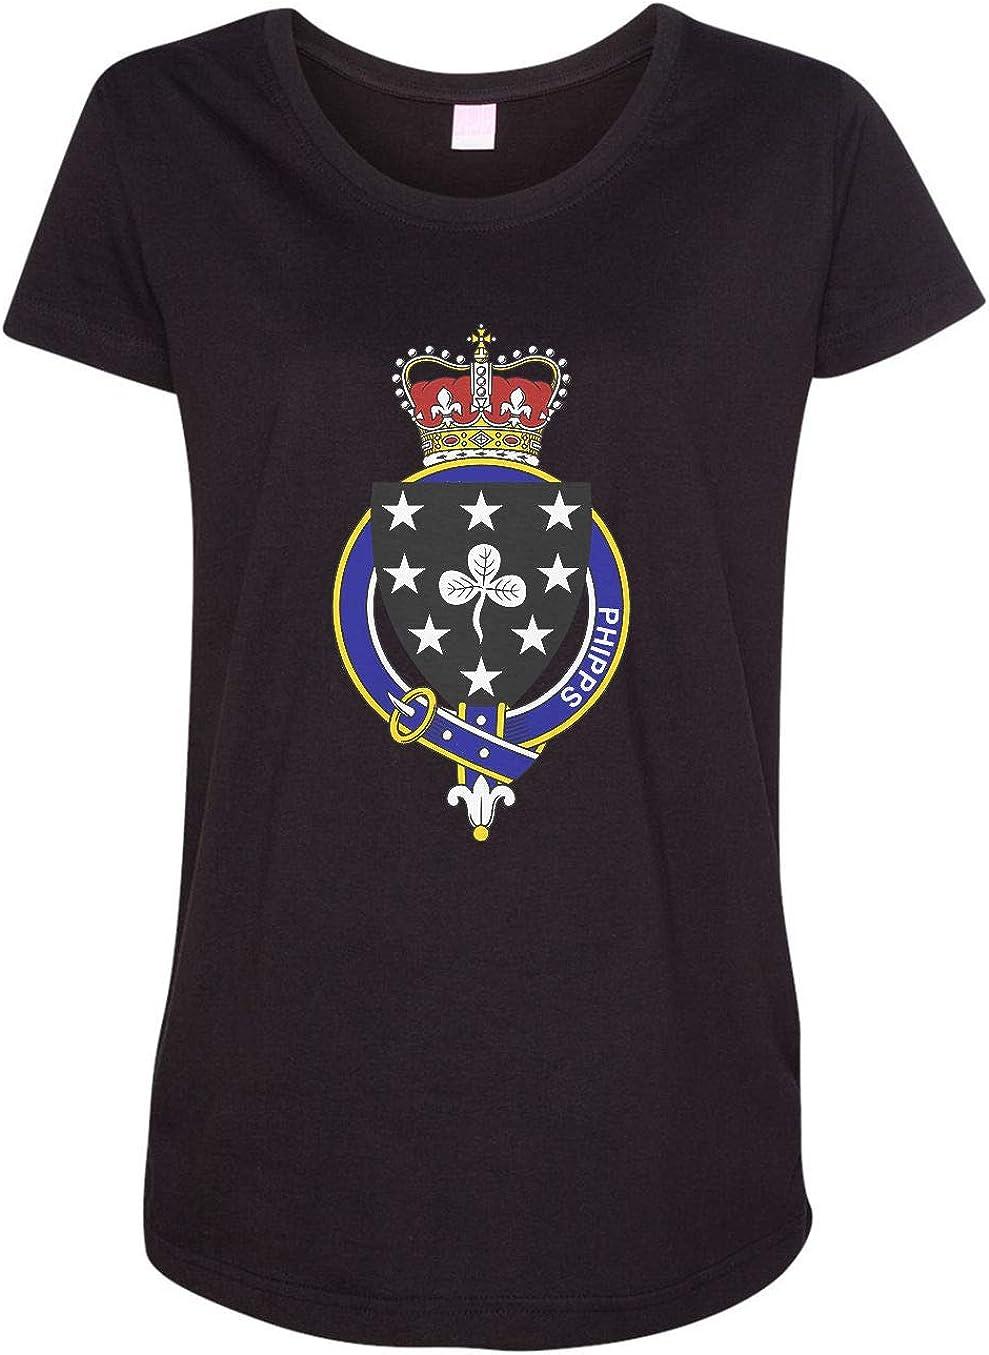 HARD EDGE DESIGN Women's English Garter Family Phipps T-Shirt